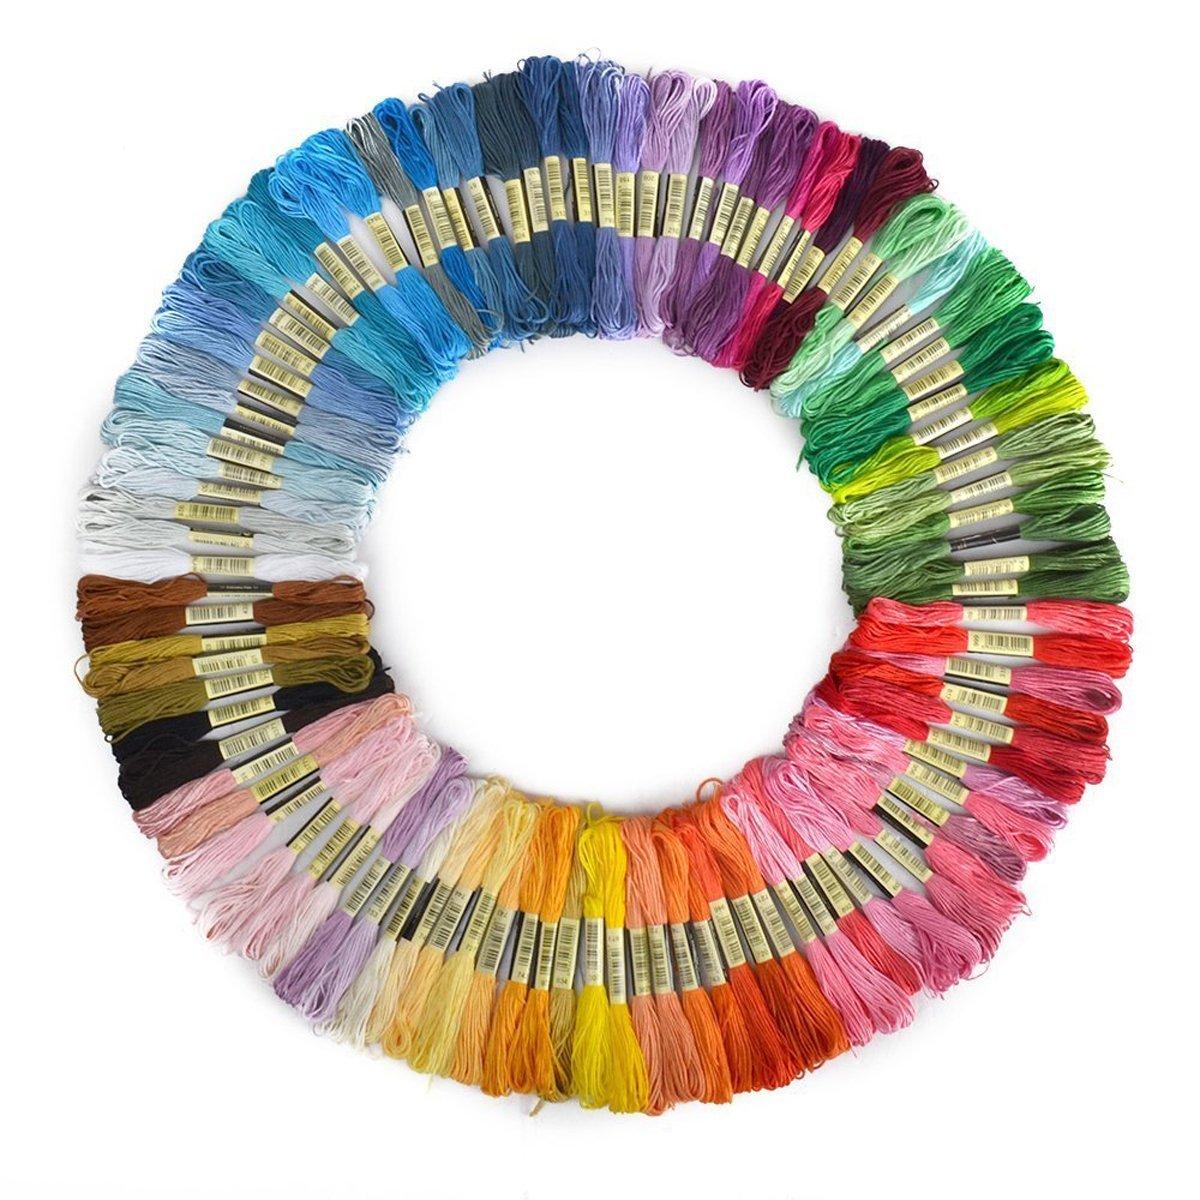 Leisial 100 Madejas de Hilos Cross Stitch Bordado Hilos Punto de Cruz Línea de Costura Coser Hilos Conjunto de Agujas Bordado (100 Color): Amazon.es: Hogar